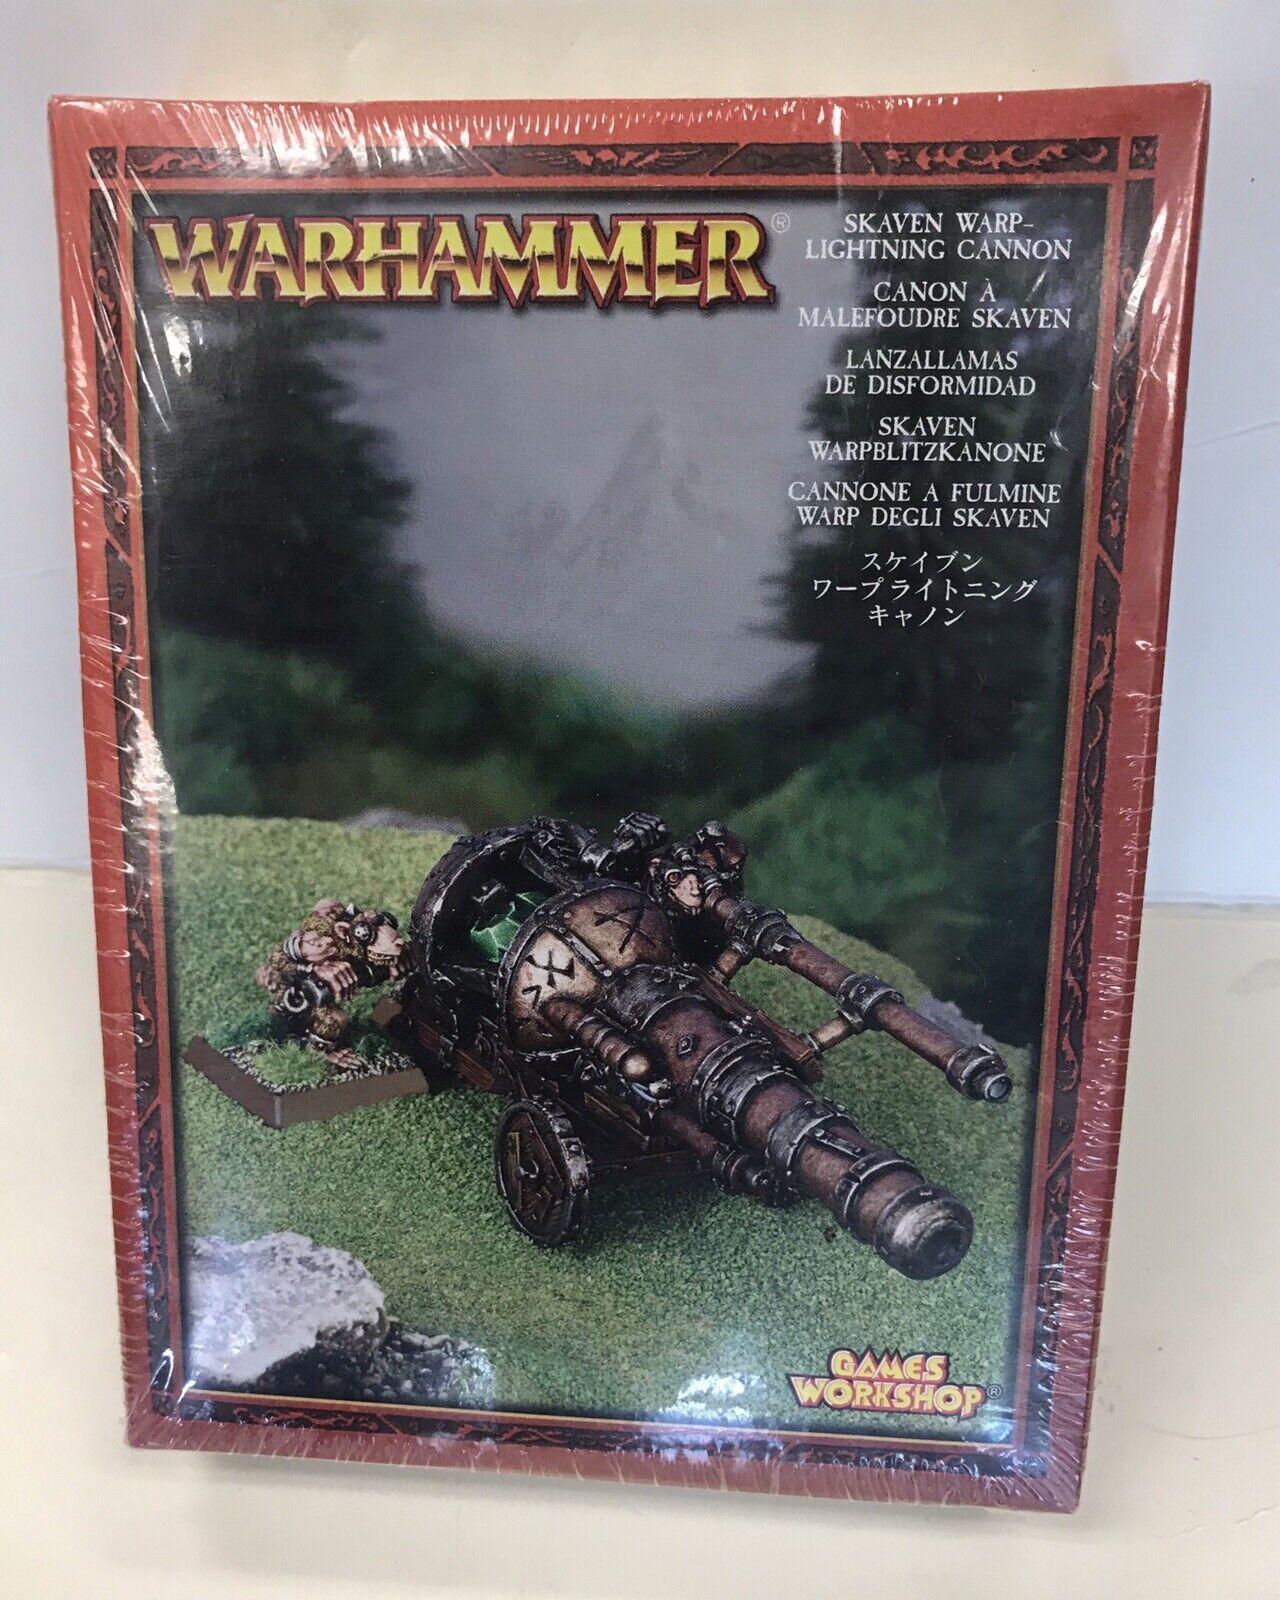 Warhammer Skaven AoS Clan Skryre Warp Lightning Cannon in shrink oop metal nib